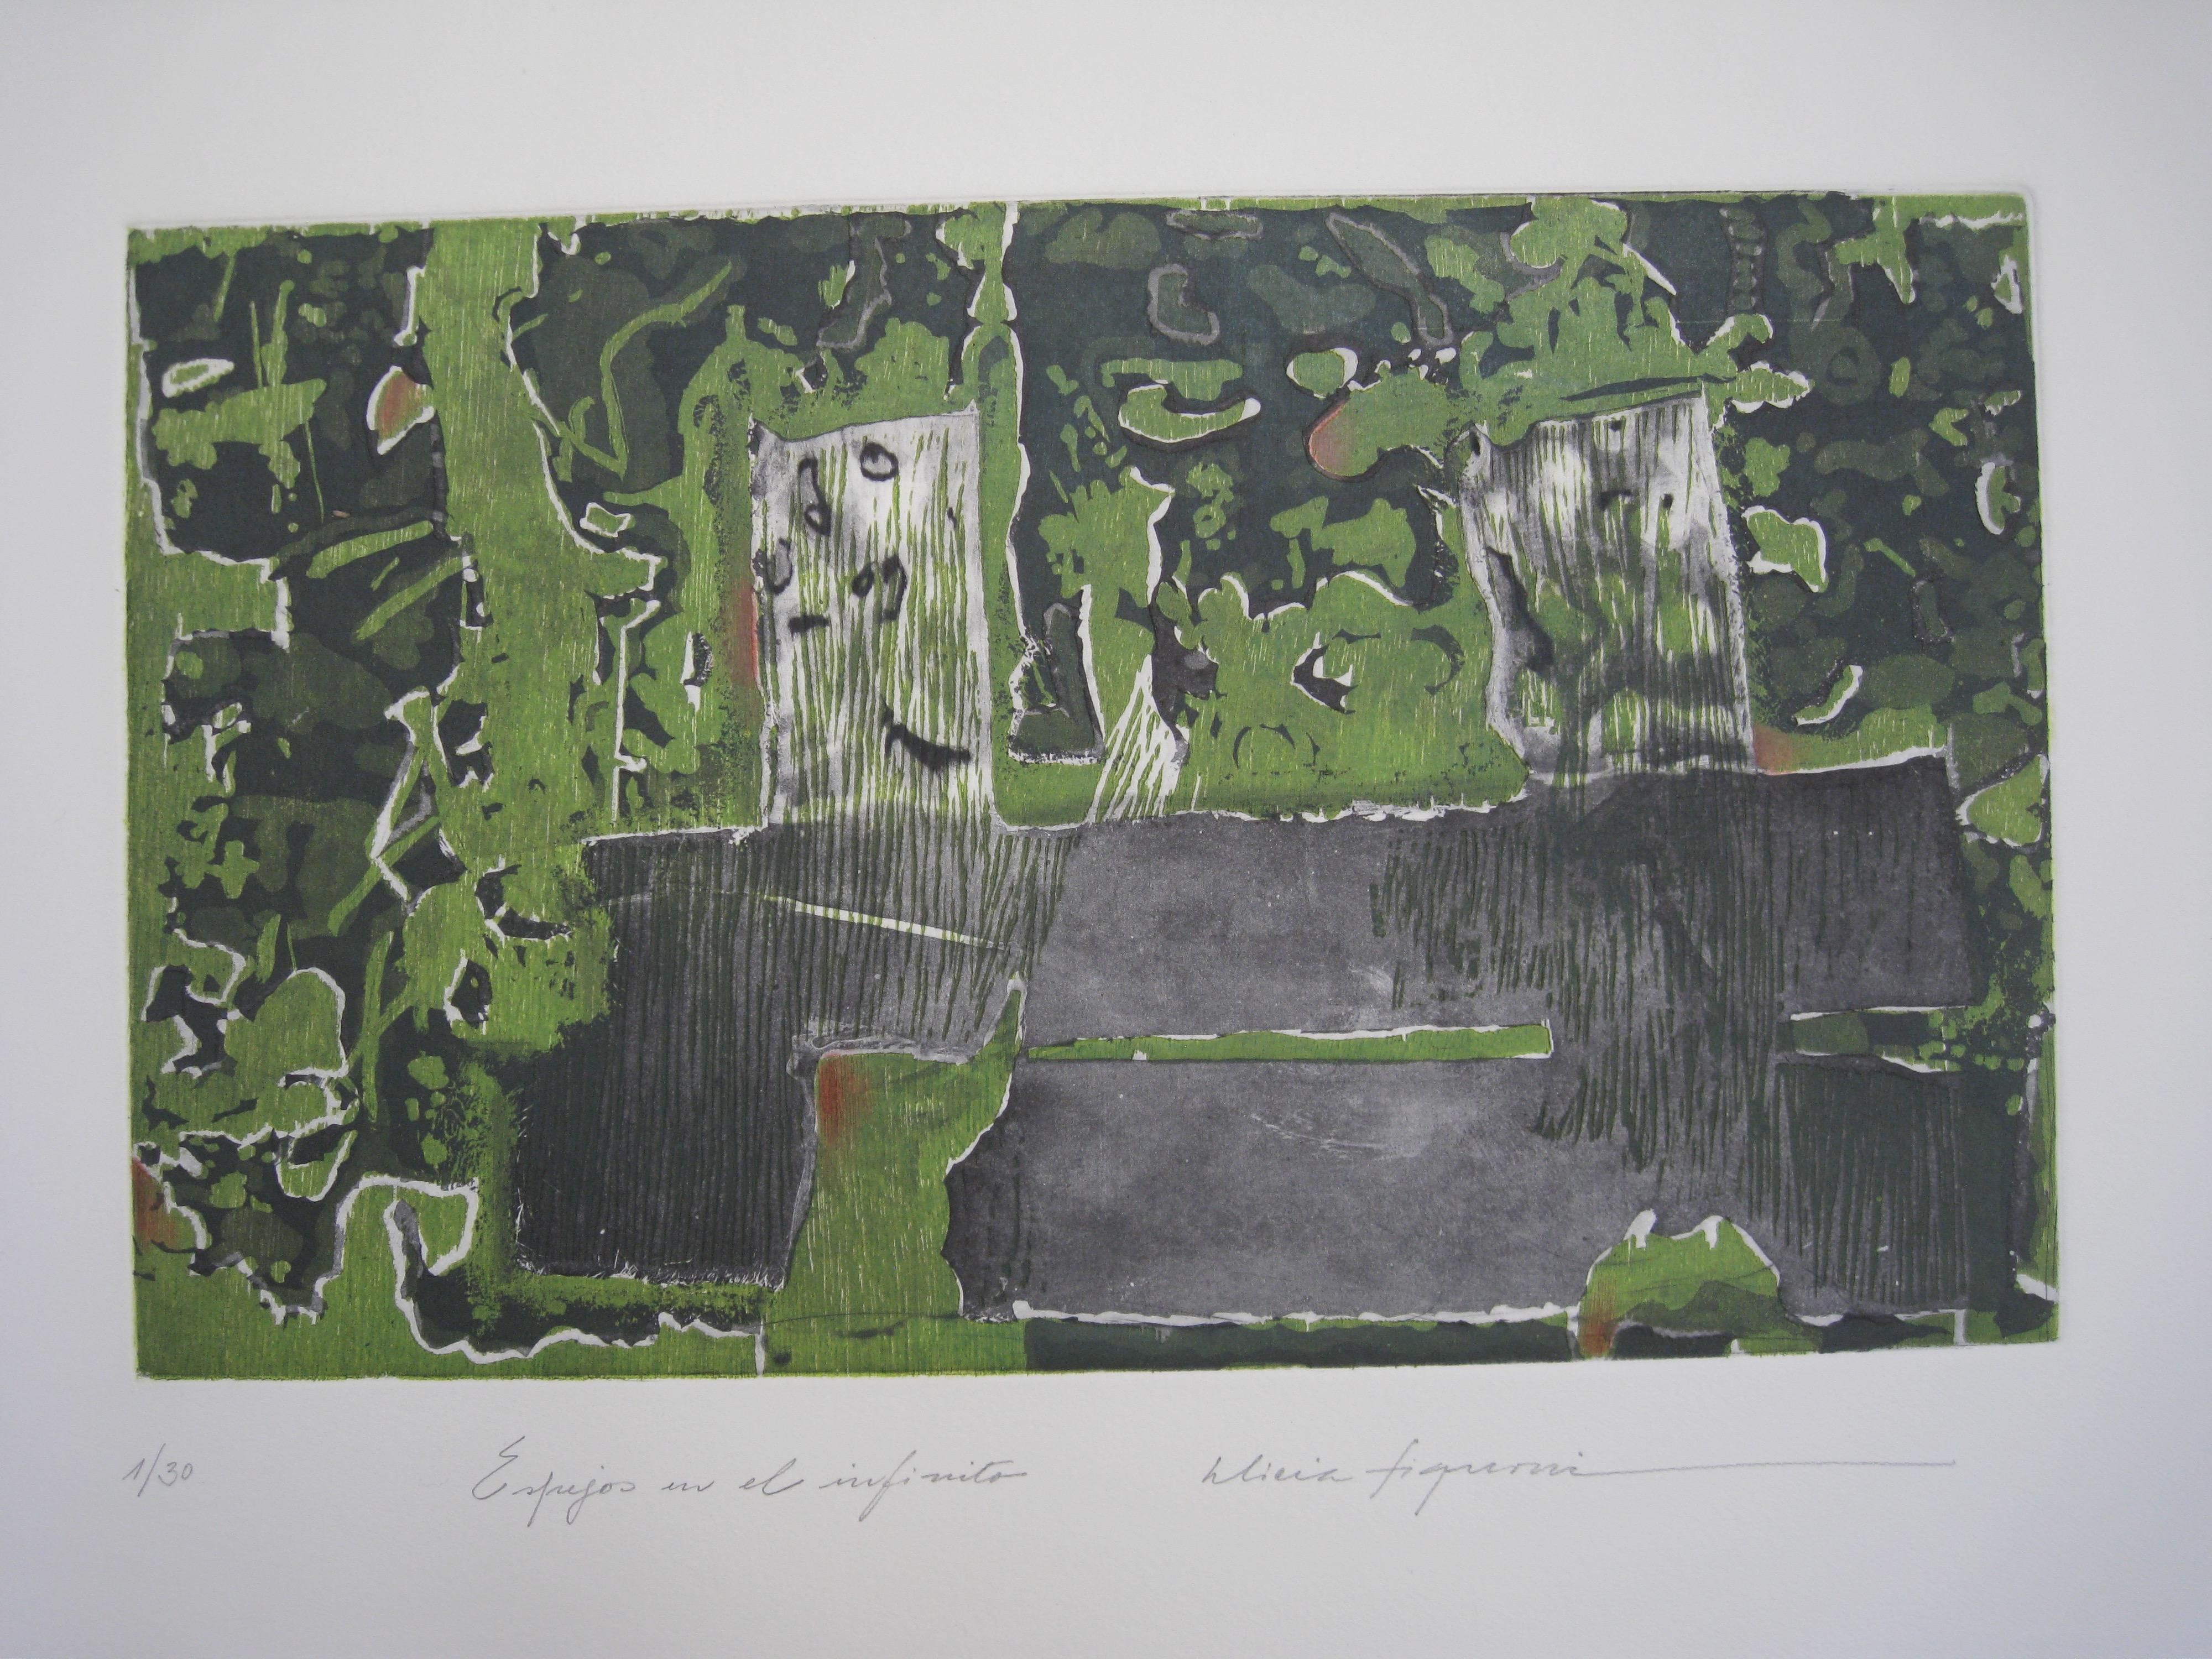 'Miradas y abstracciones' de Cornelio García y Alicia Fignoni / Galería Javier Arévalo